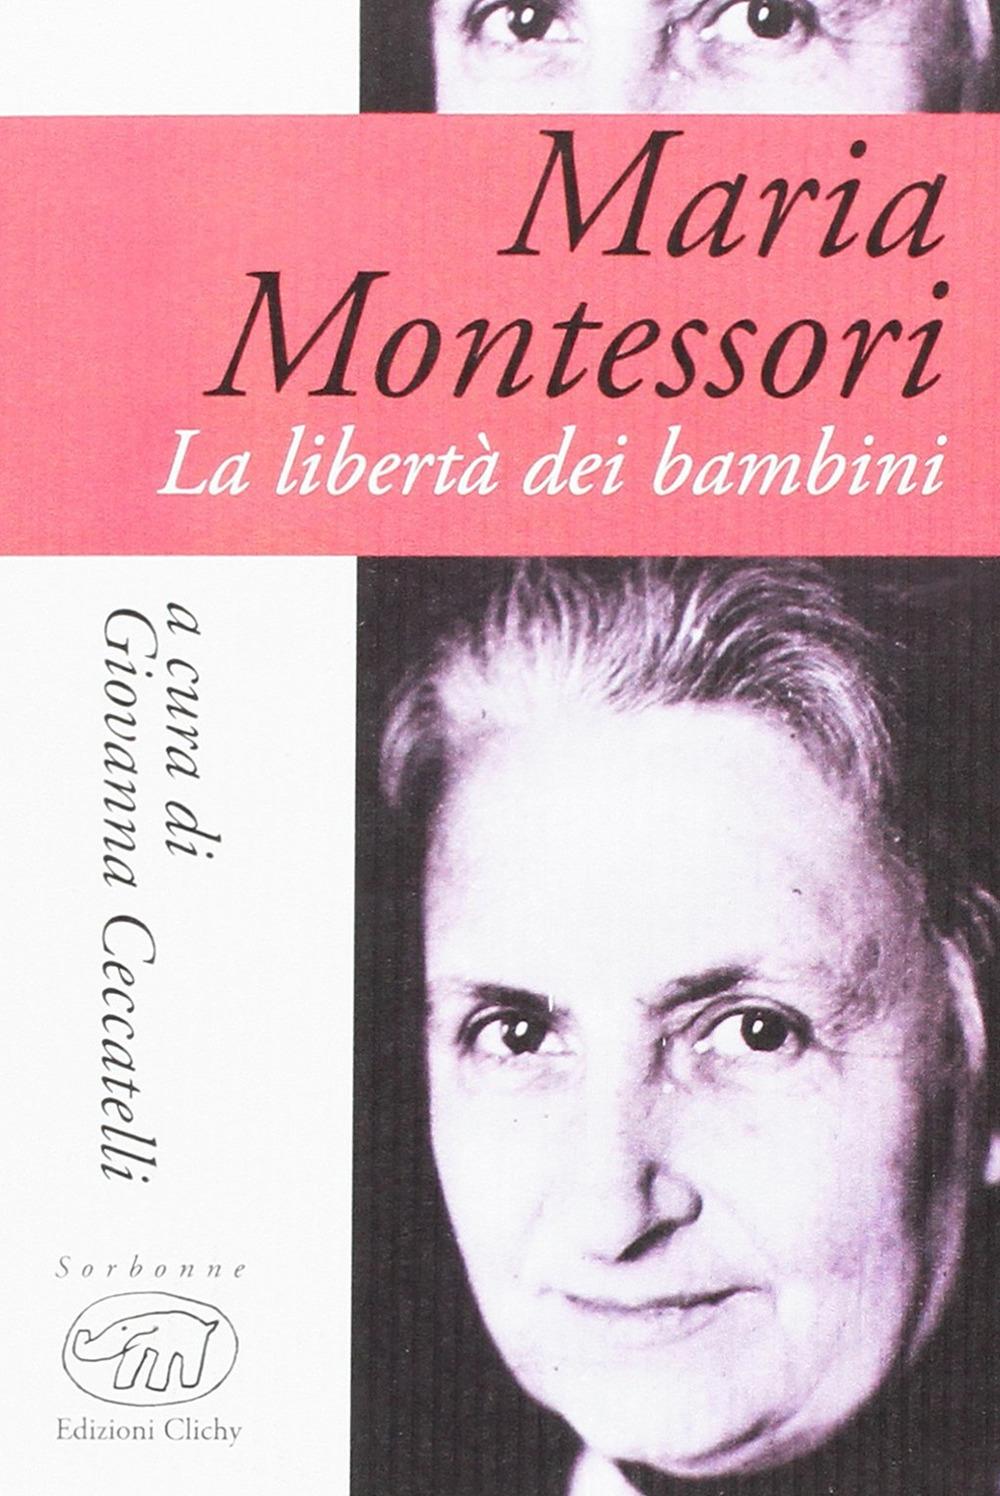 Maria Montessori. La libertà dei bambini.